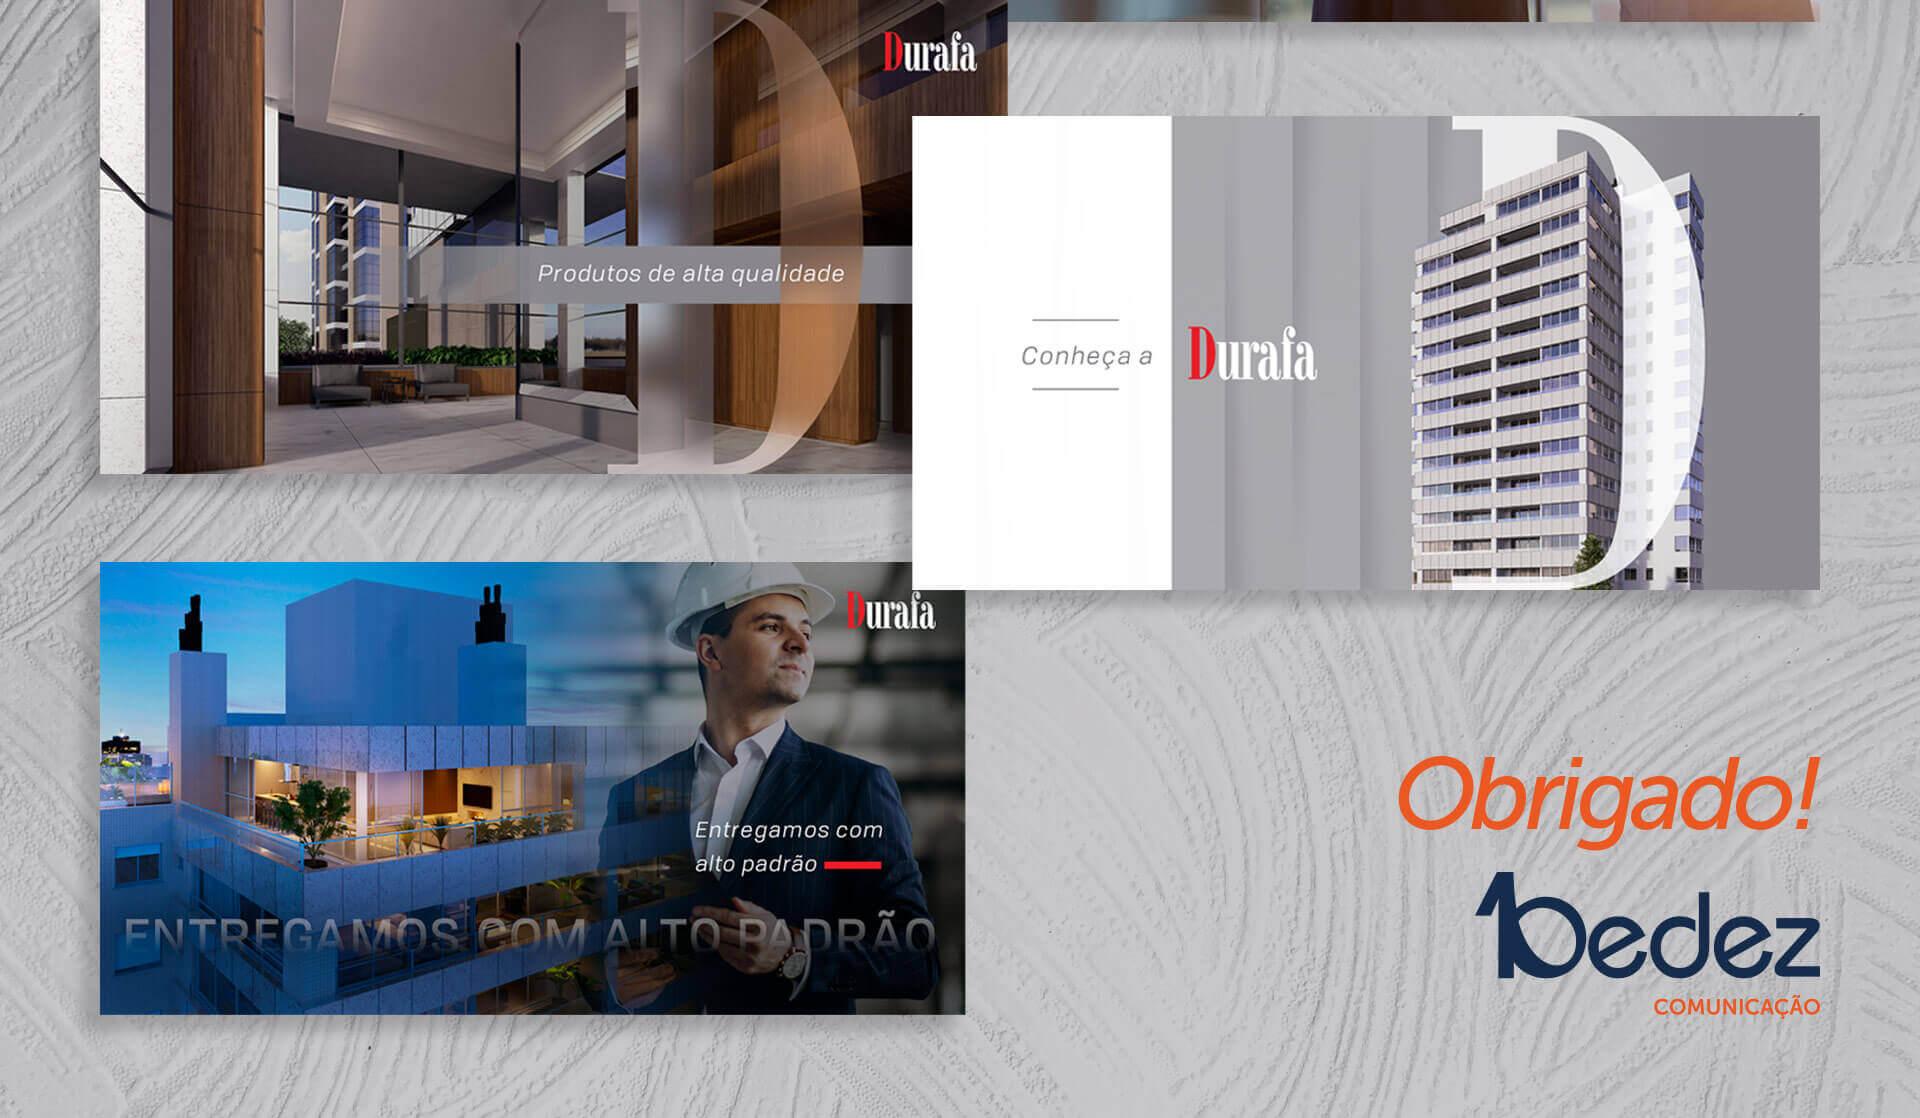 gestão de redes sociais linkedin para construtora durafa empreendimentos imobiliários porto alegre bedez comunicação